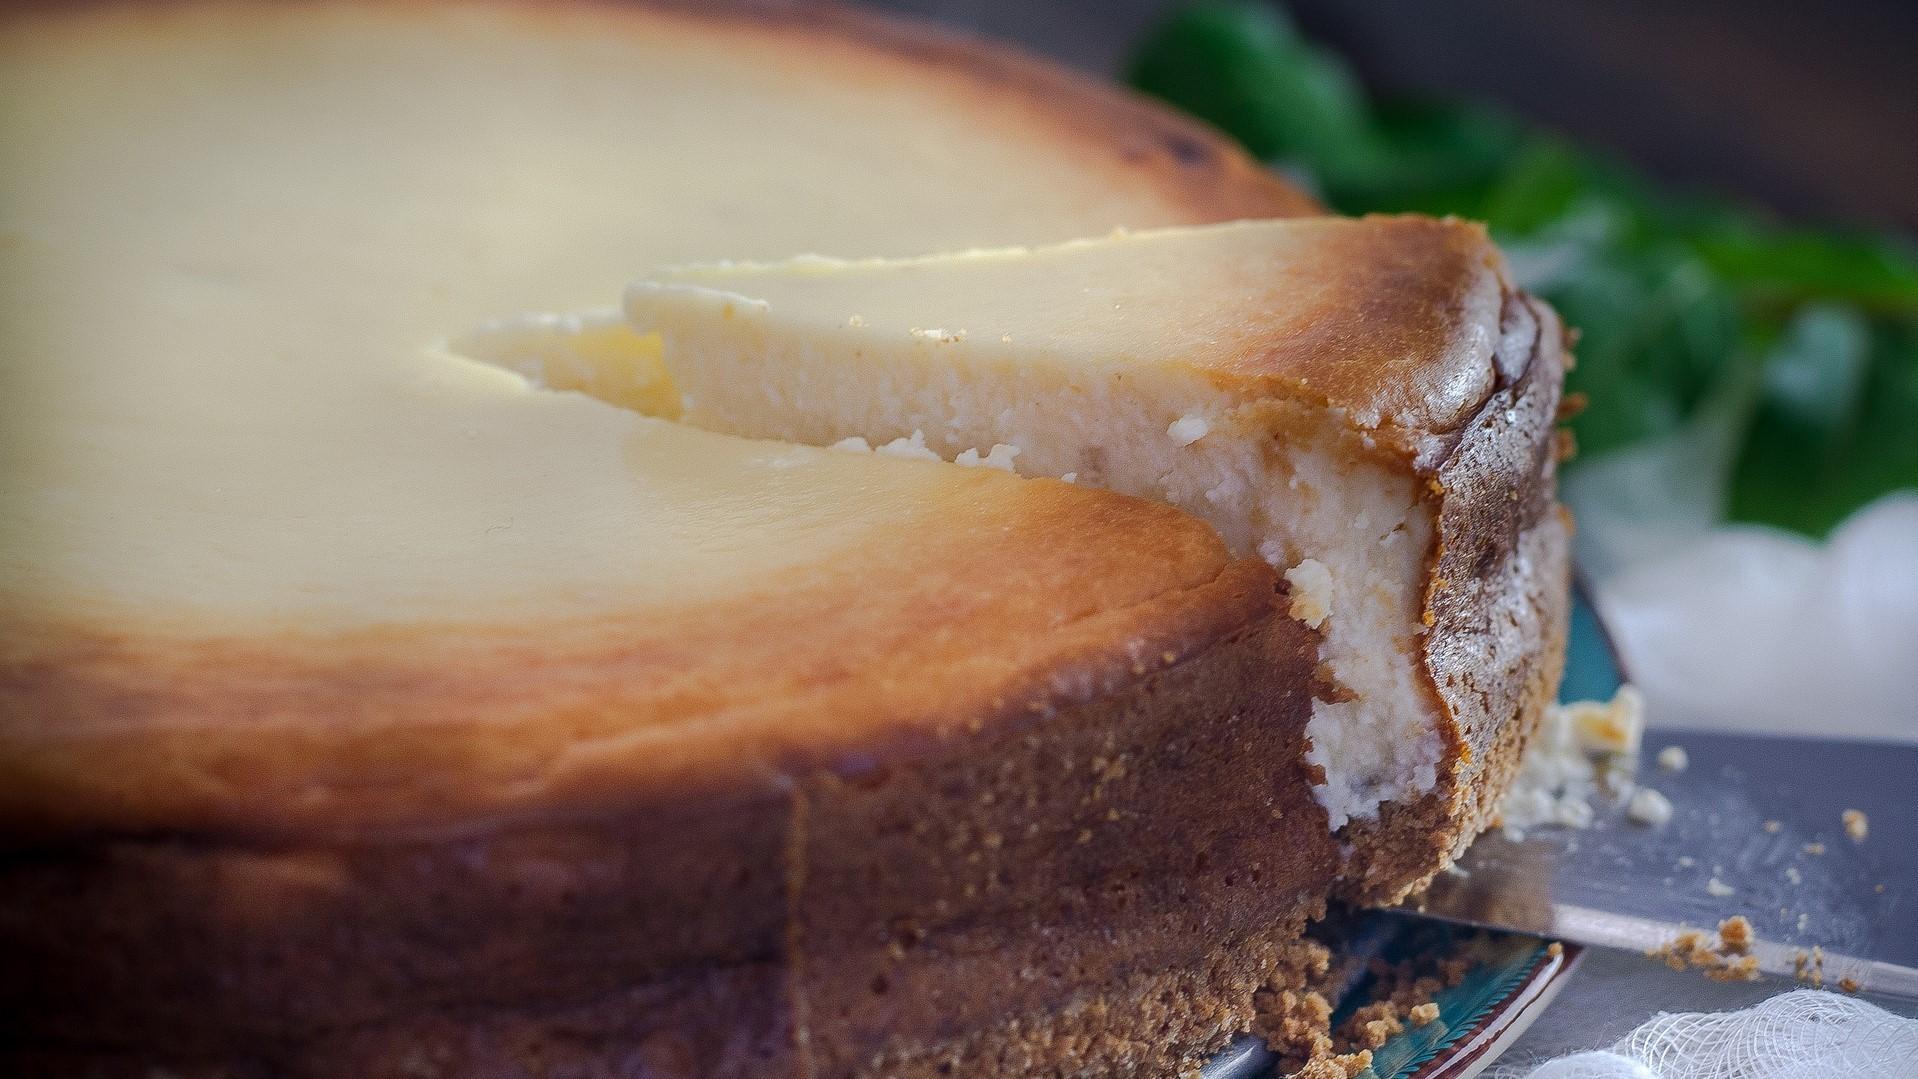 Ist vom Käsekuchen etwas übrig geblieben, können Sie ihn einfrieren und bis zu einem Monat später genießen.